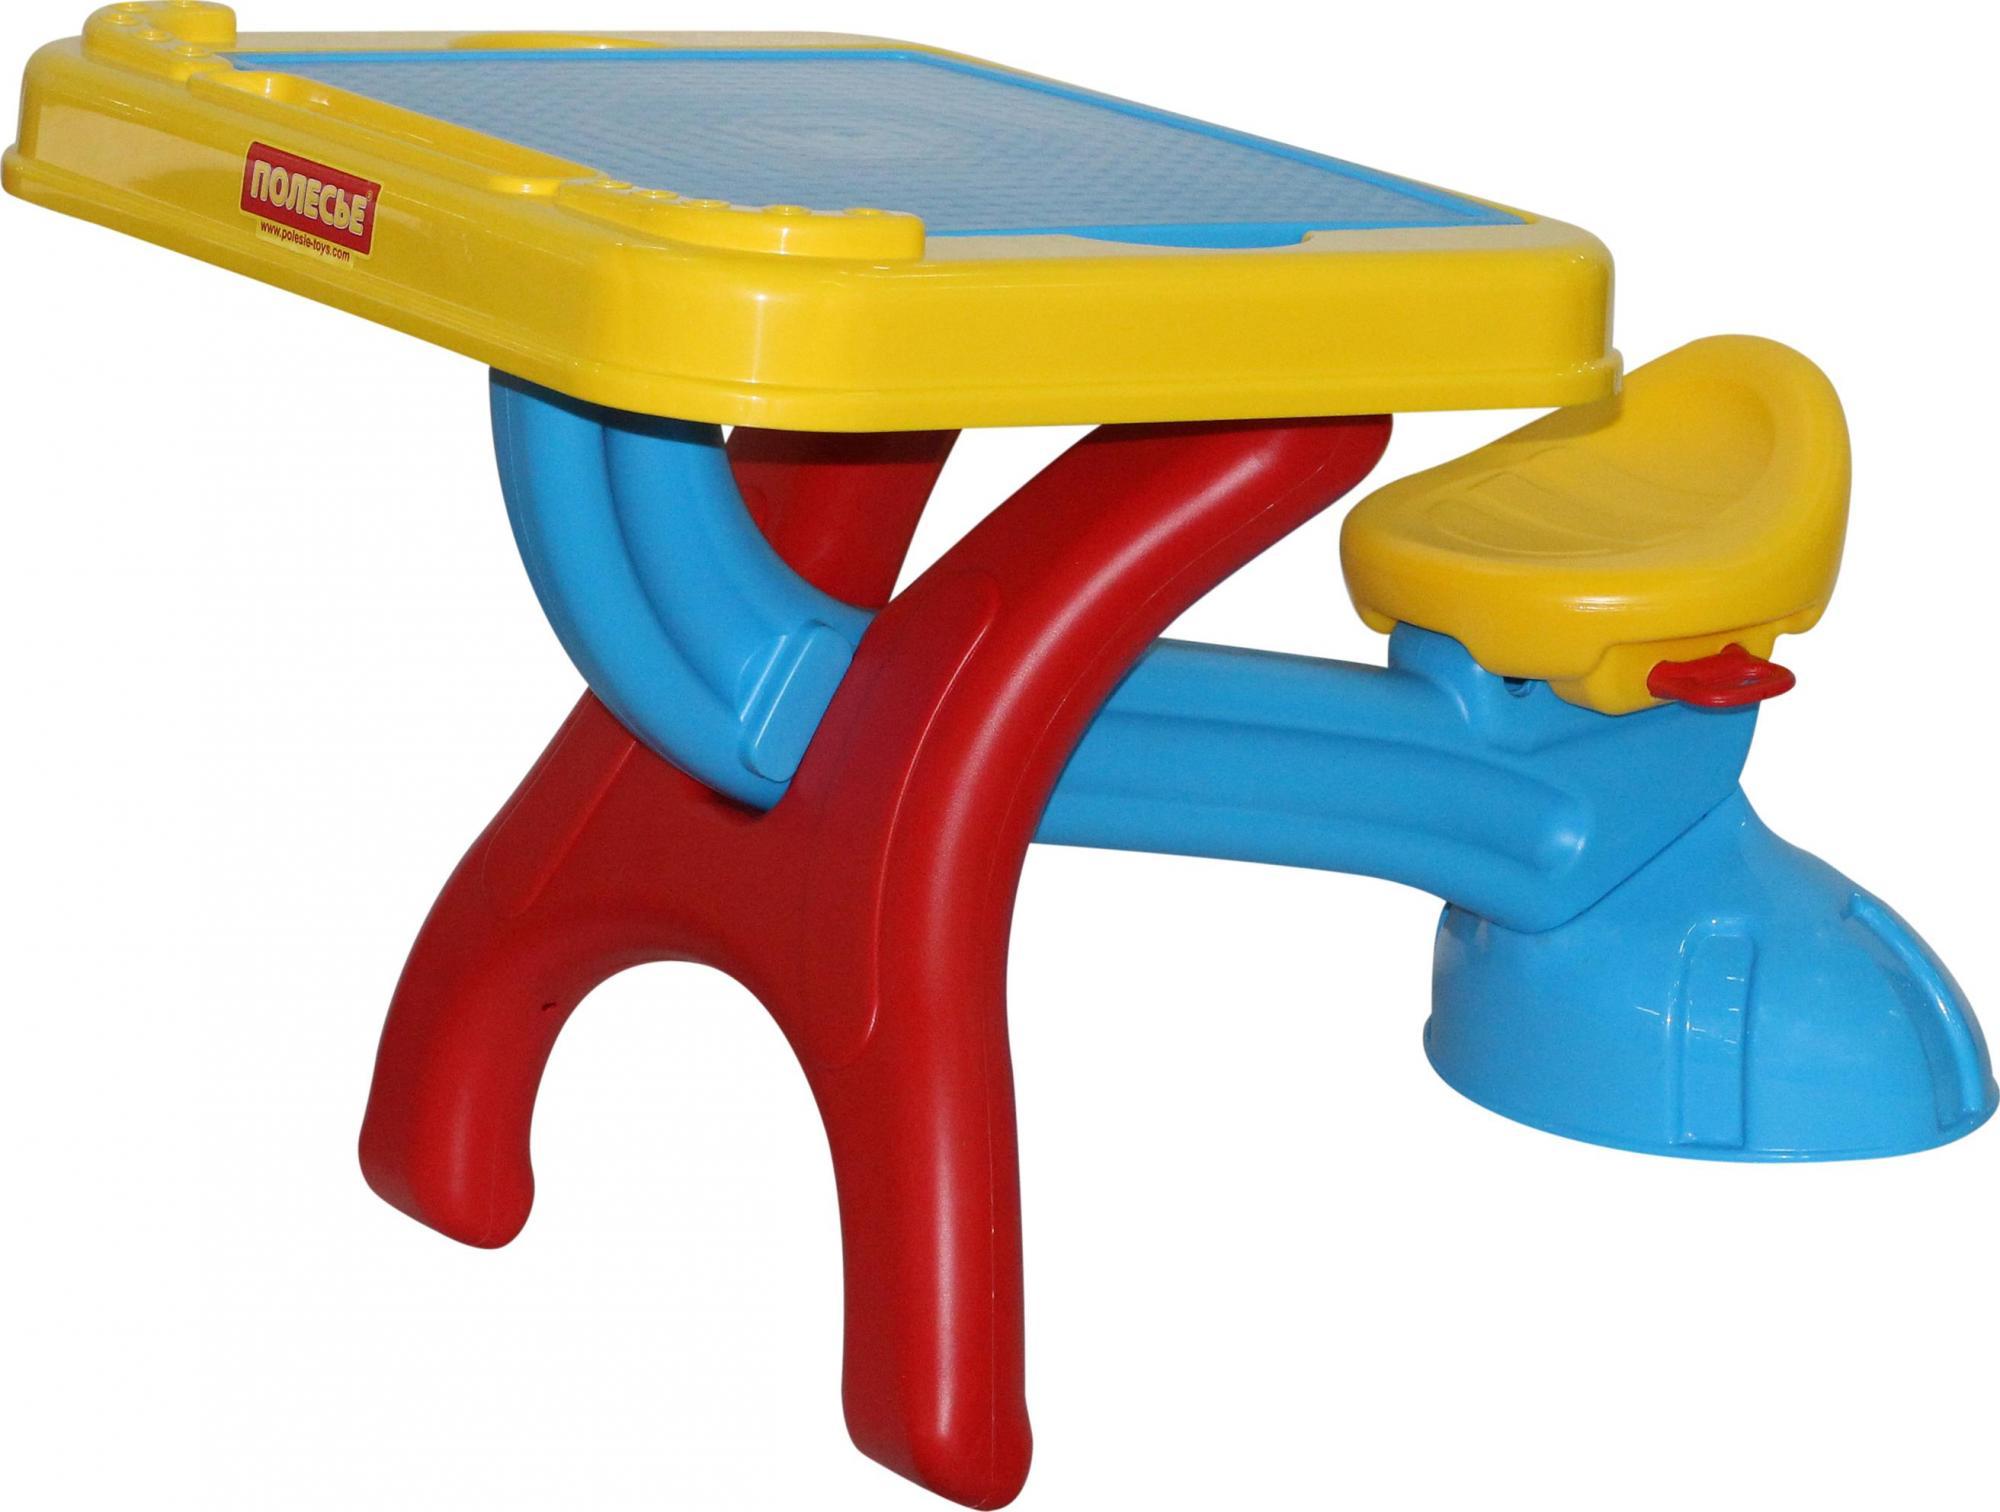 Купить Детские комнаты, мебель, Набор Palau дошкольника №3 в пакете, Парты